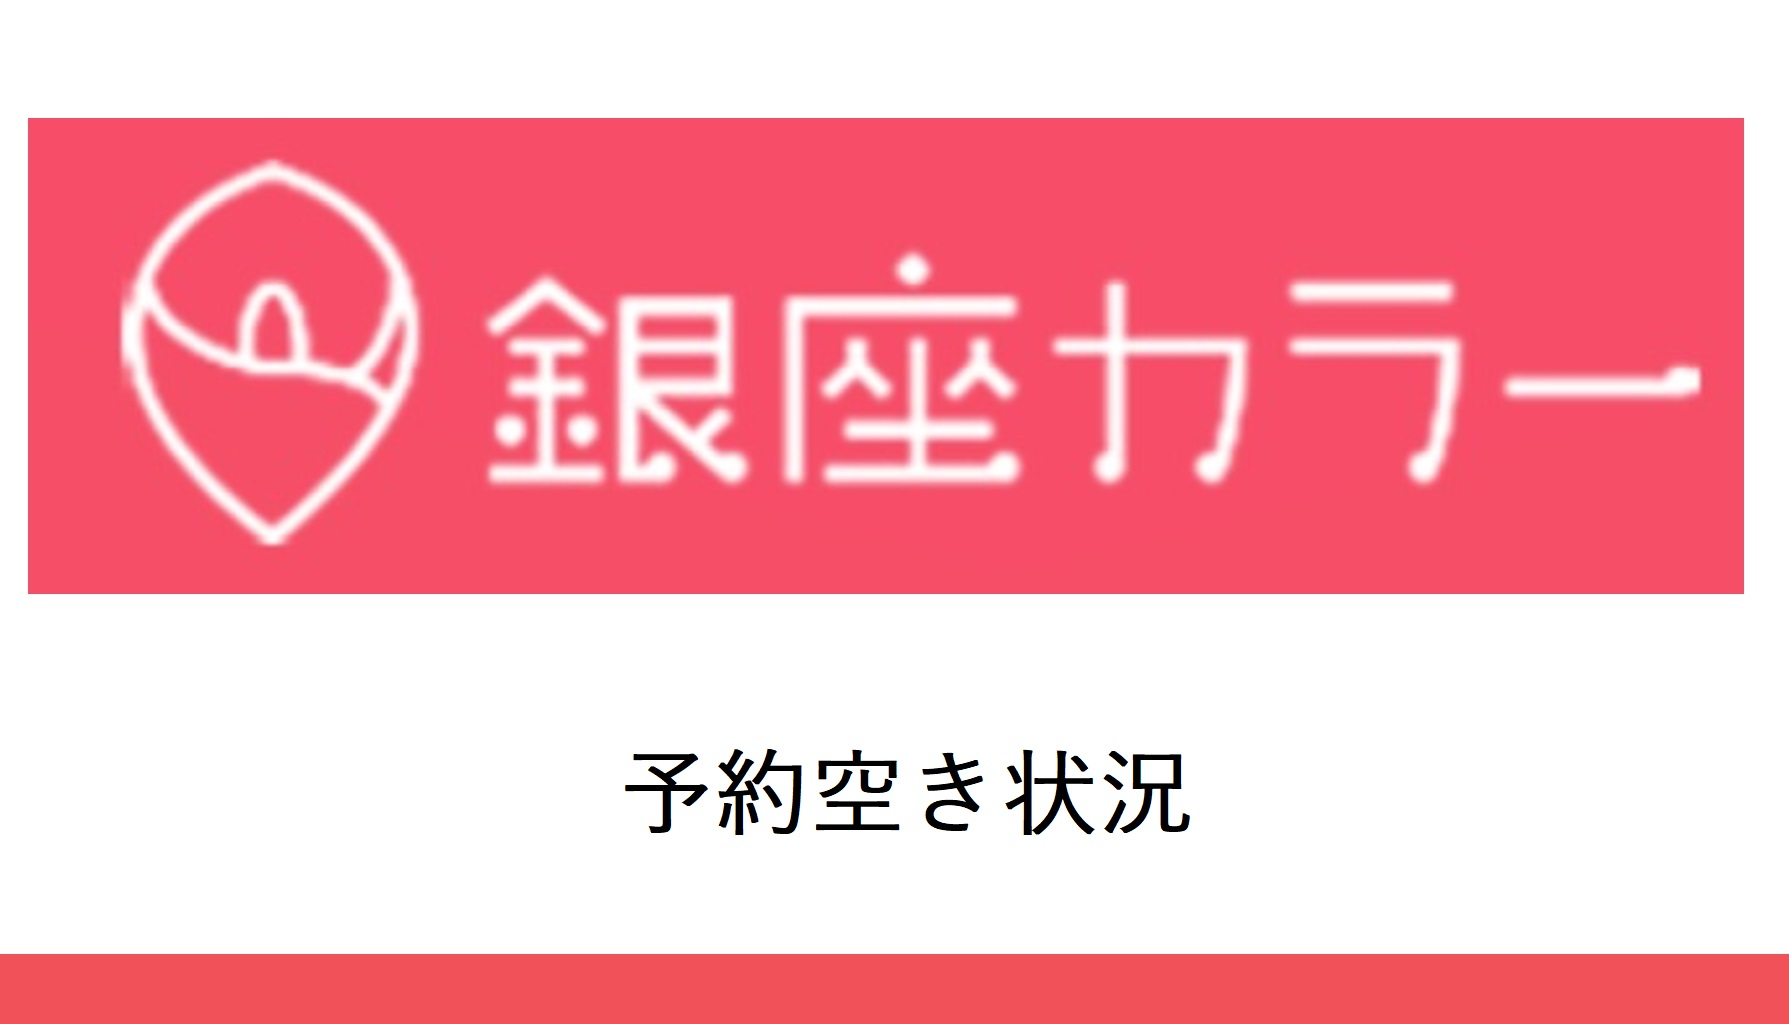 銀座カラー(予約空き状況)